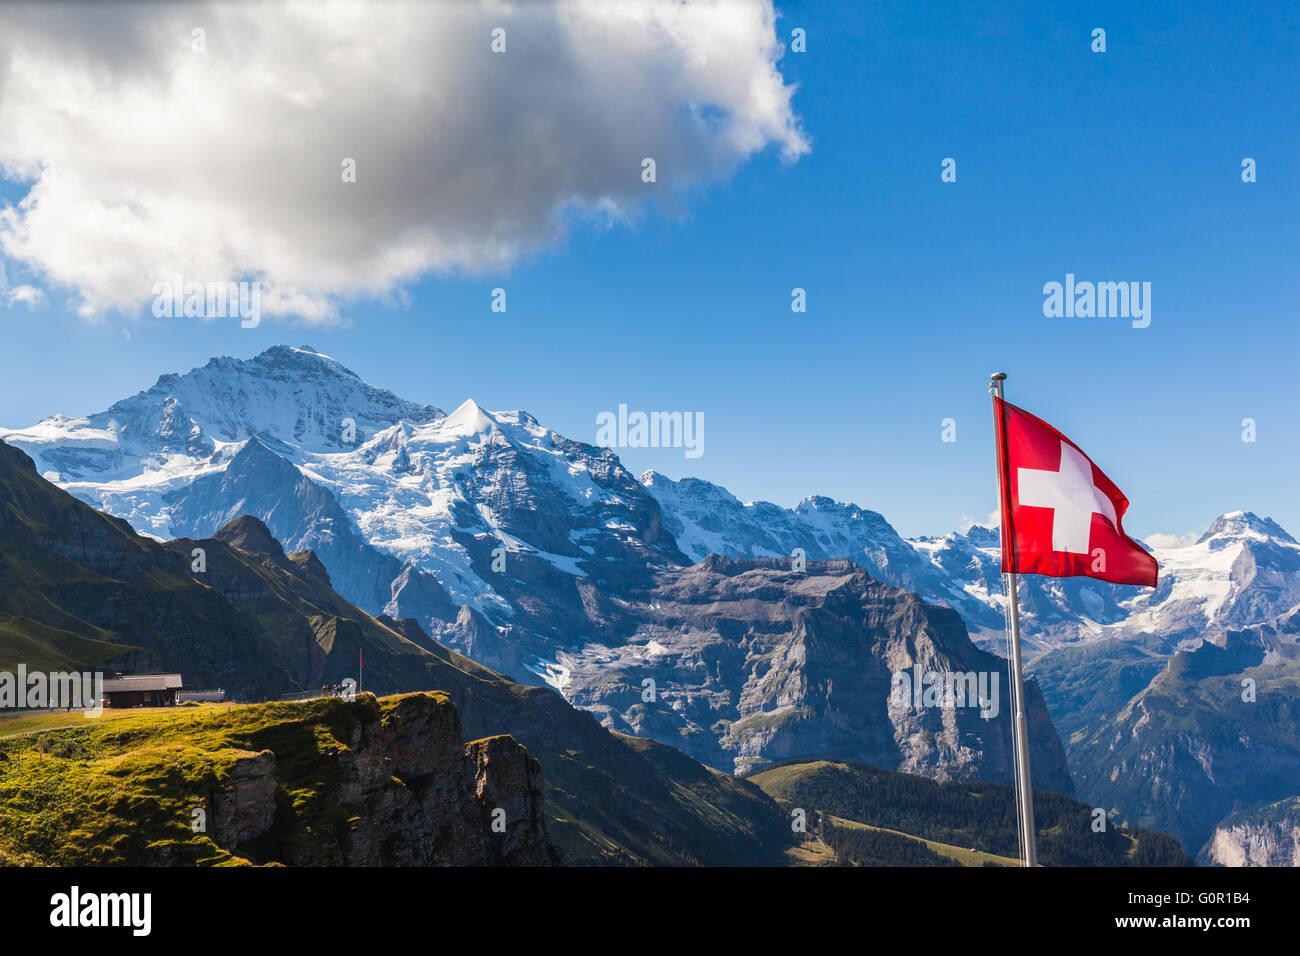 Atemberaubende Aussicht auf die Jungfrau und die Bergkette der Berner Alpen vom männlichen Seilbahn entfernt, Stockbild